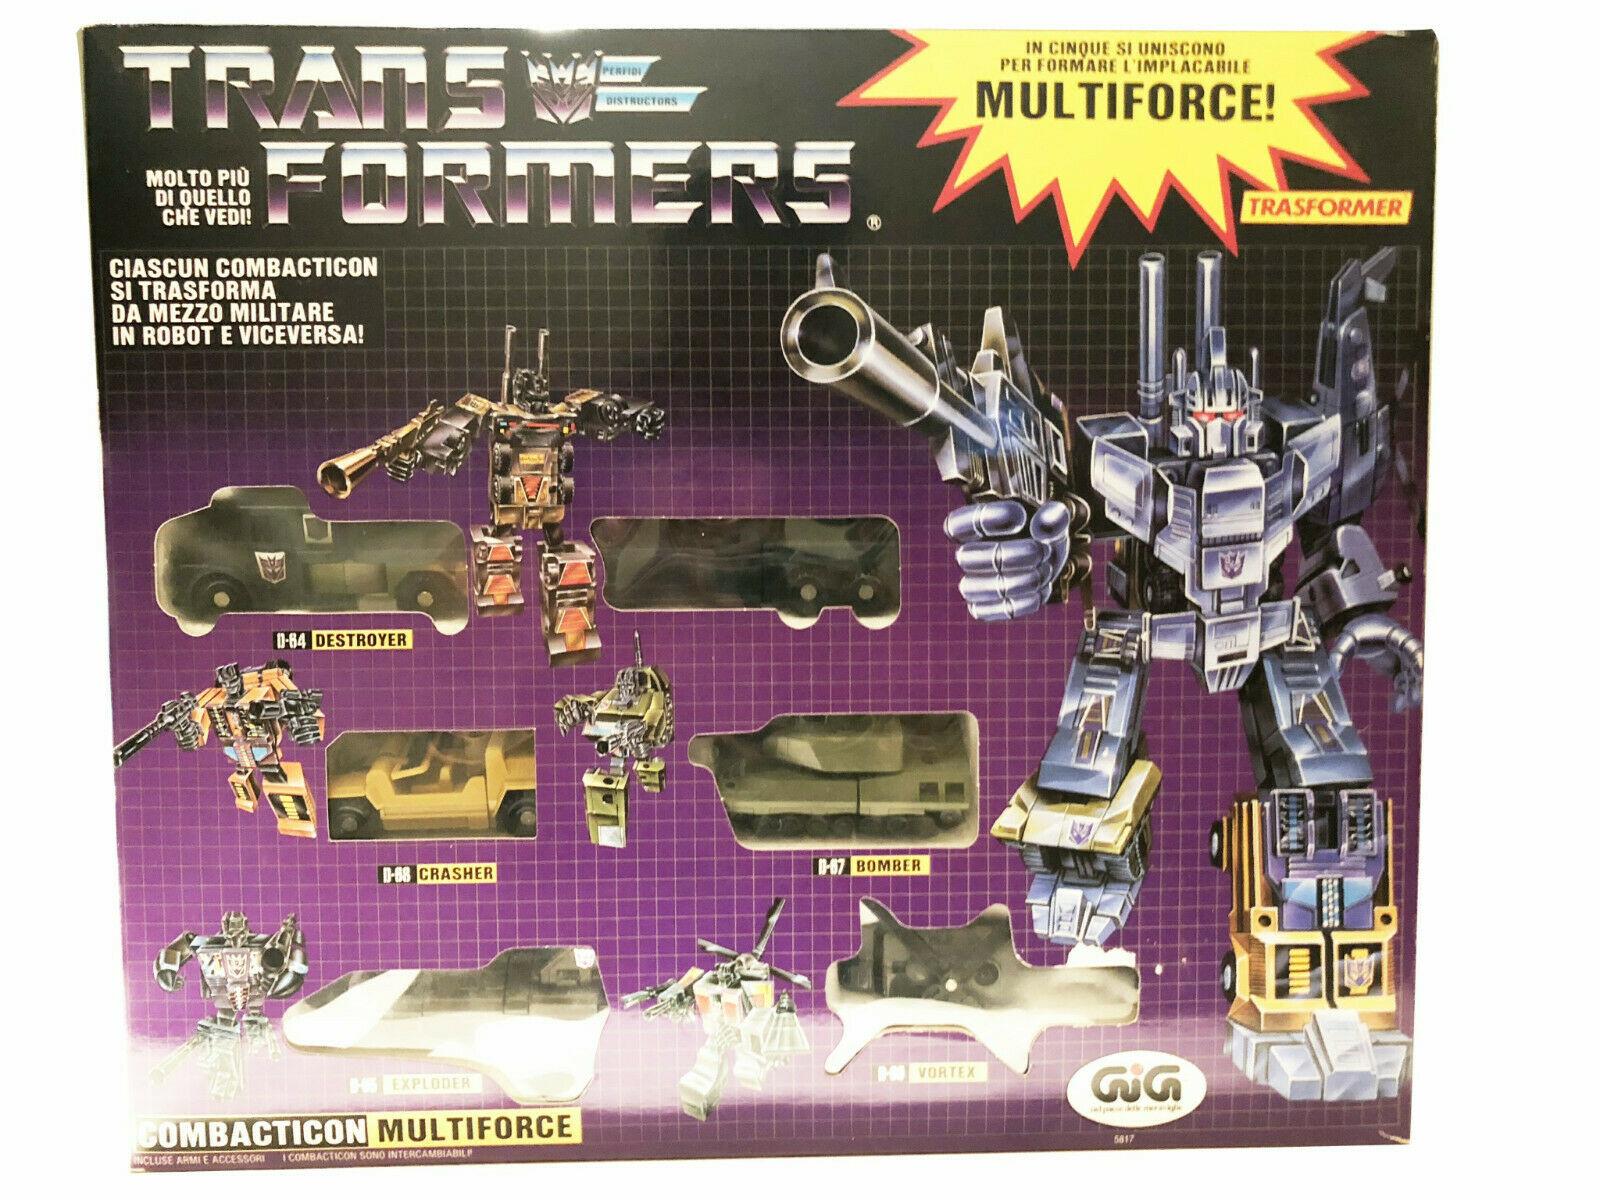 Transformers G1 Baltimore. Nuevo regalo, edición metálica.